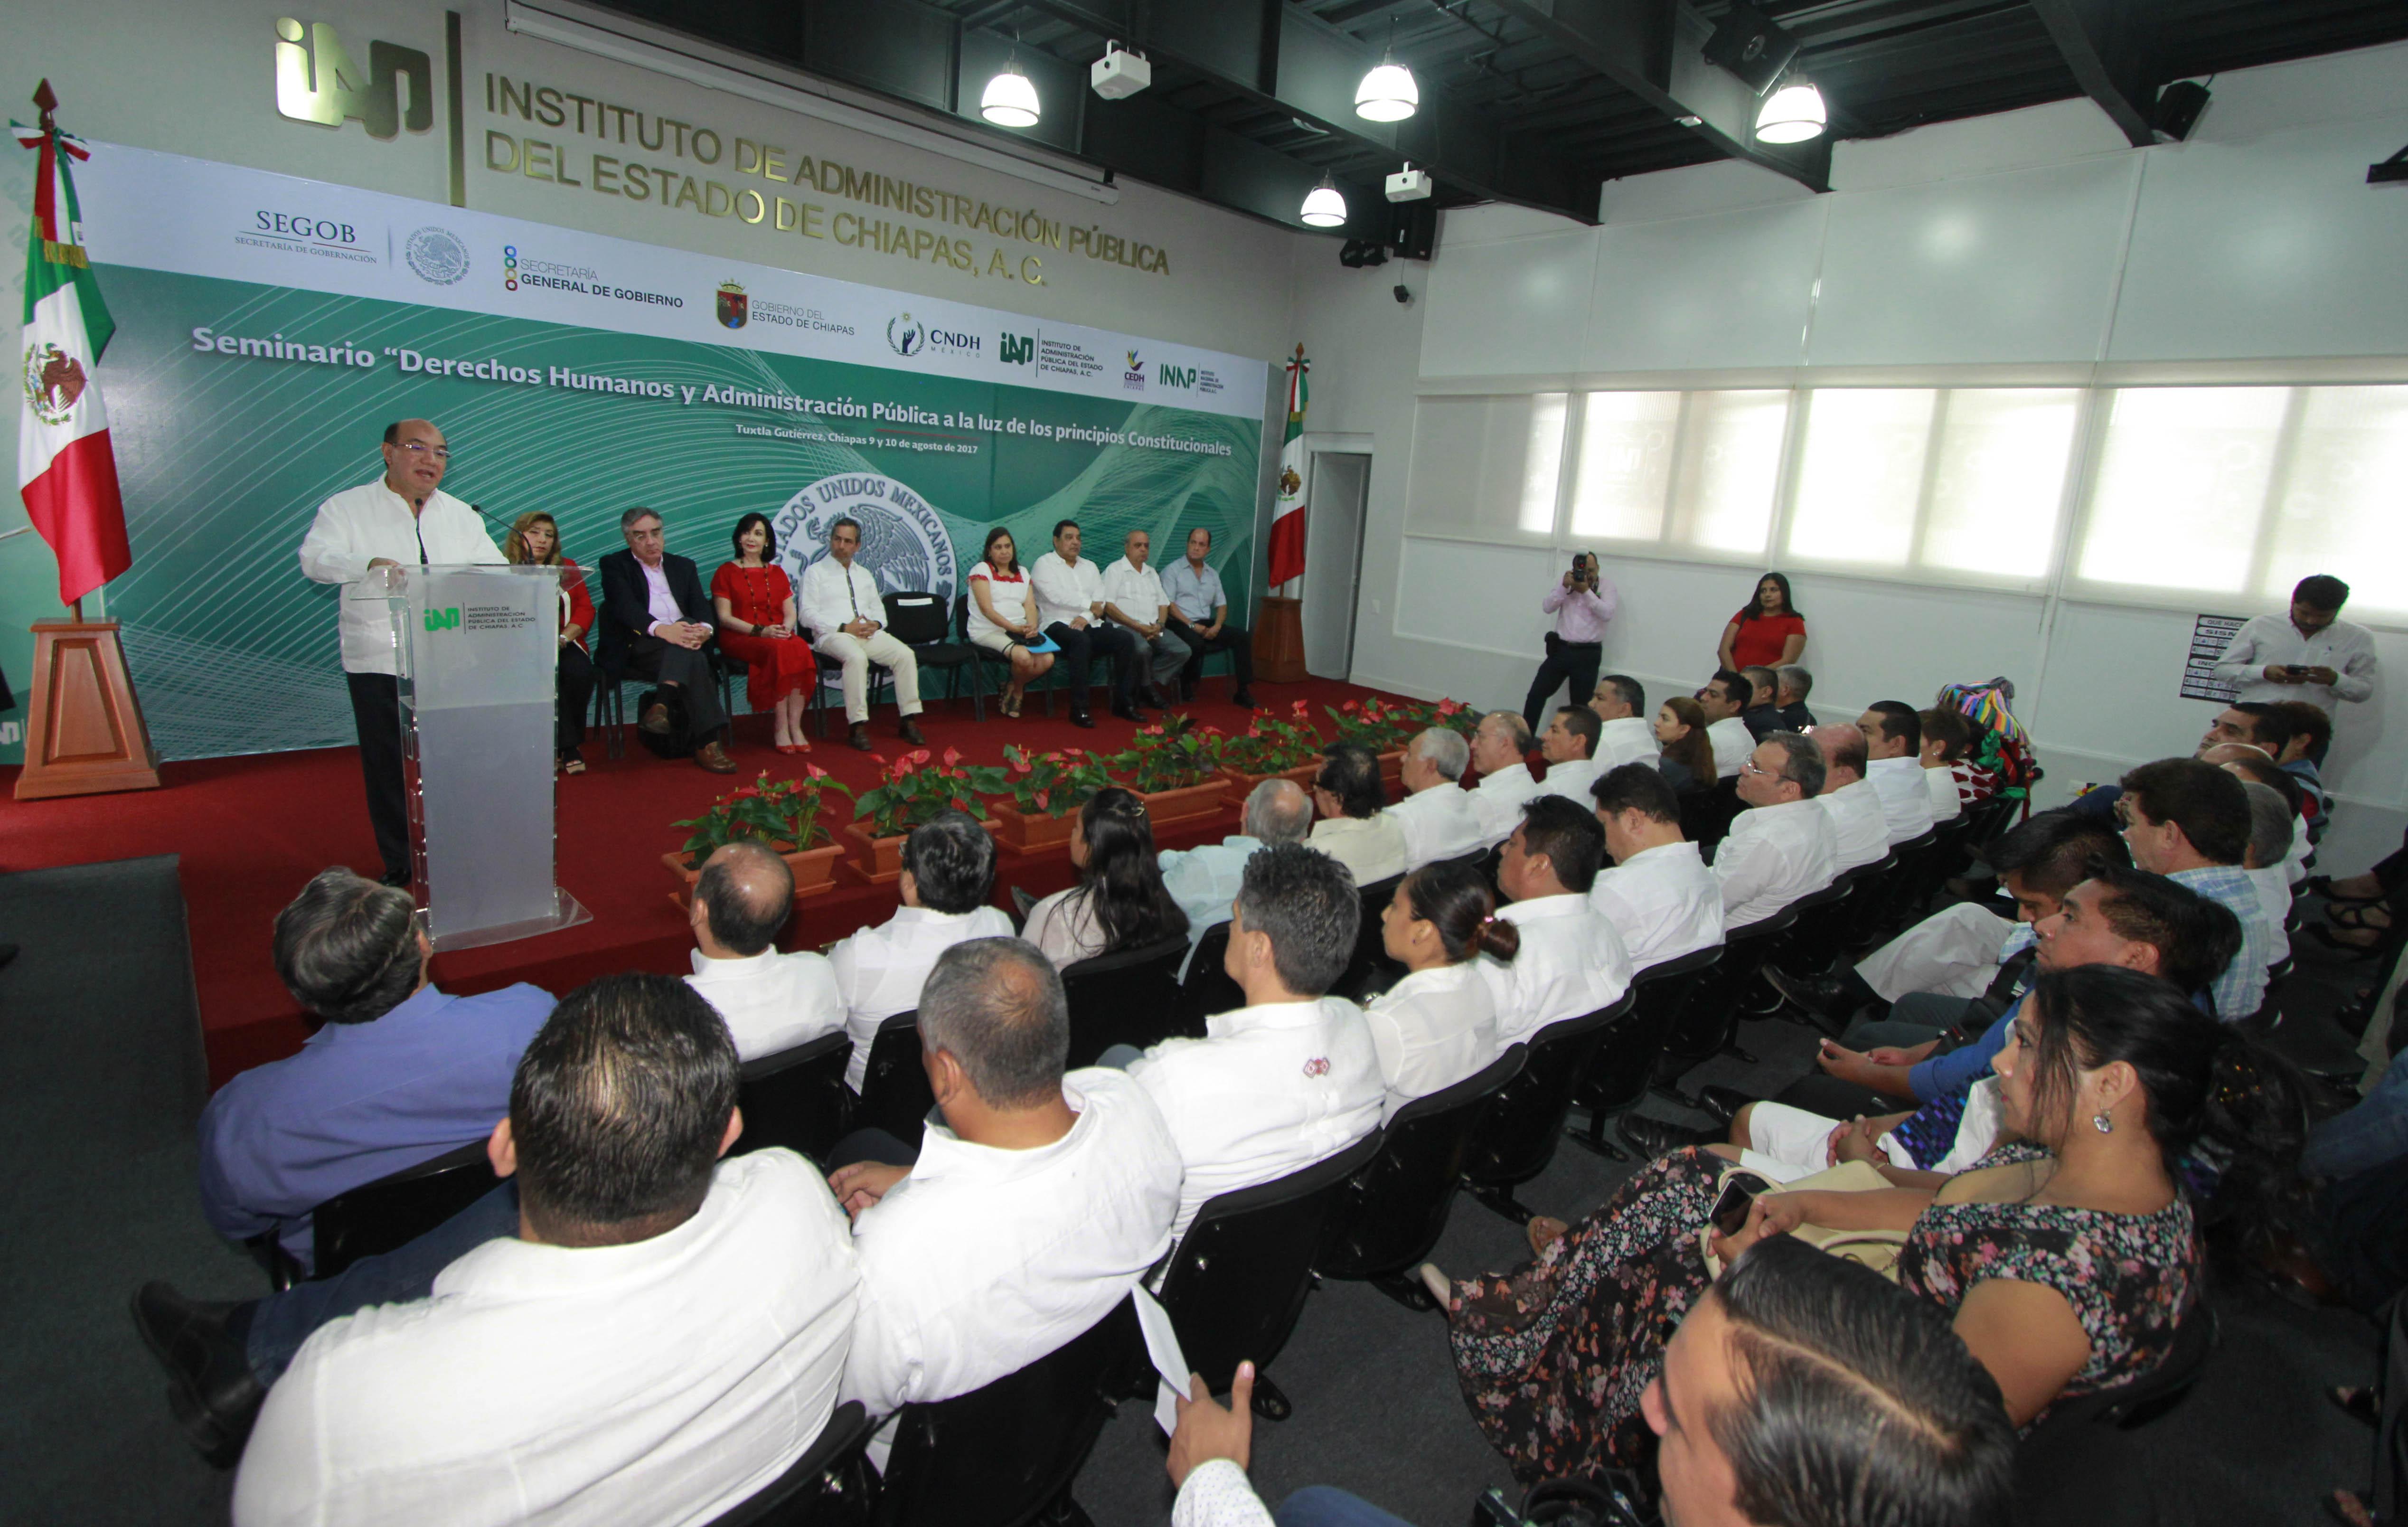 Segob y Gobierno de Chiapas fortalecen Derechos Humanos